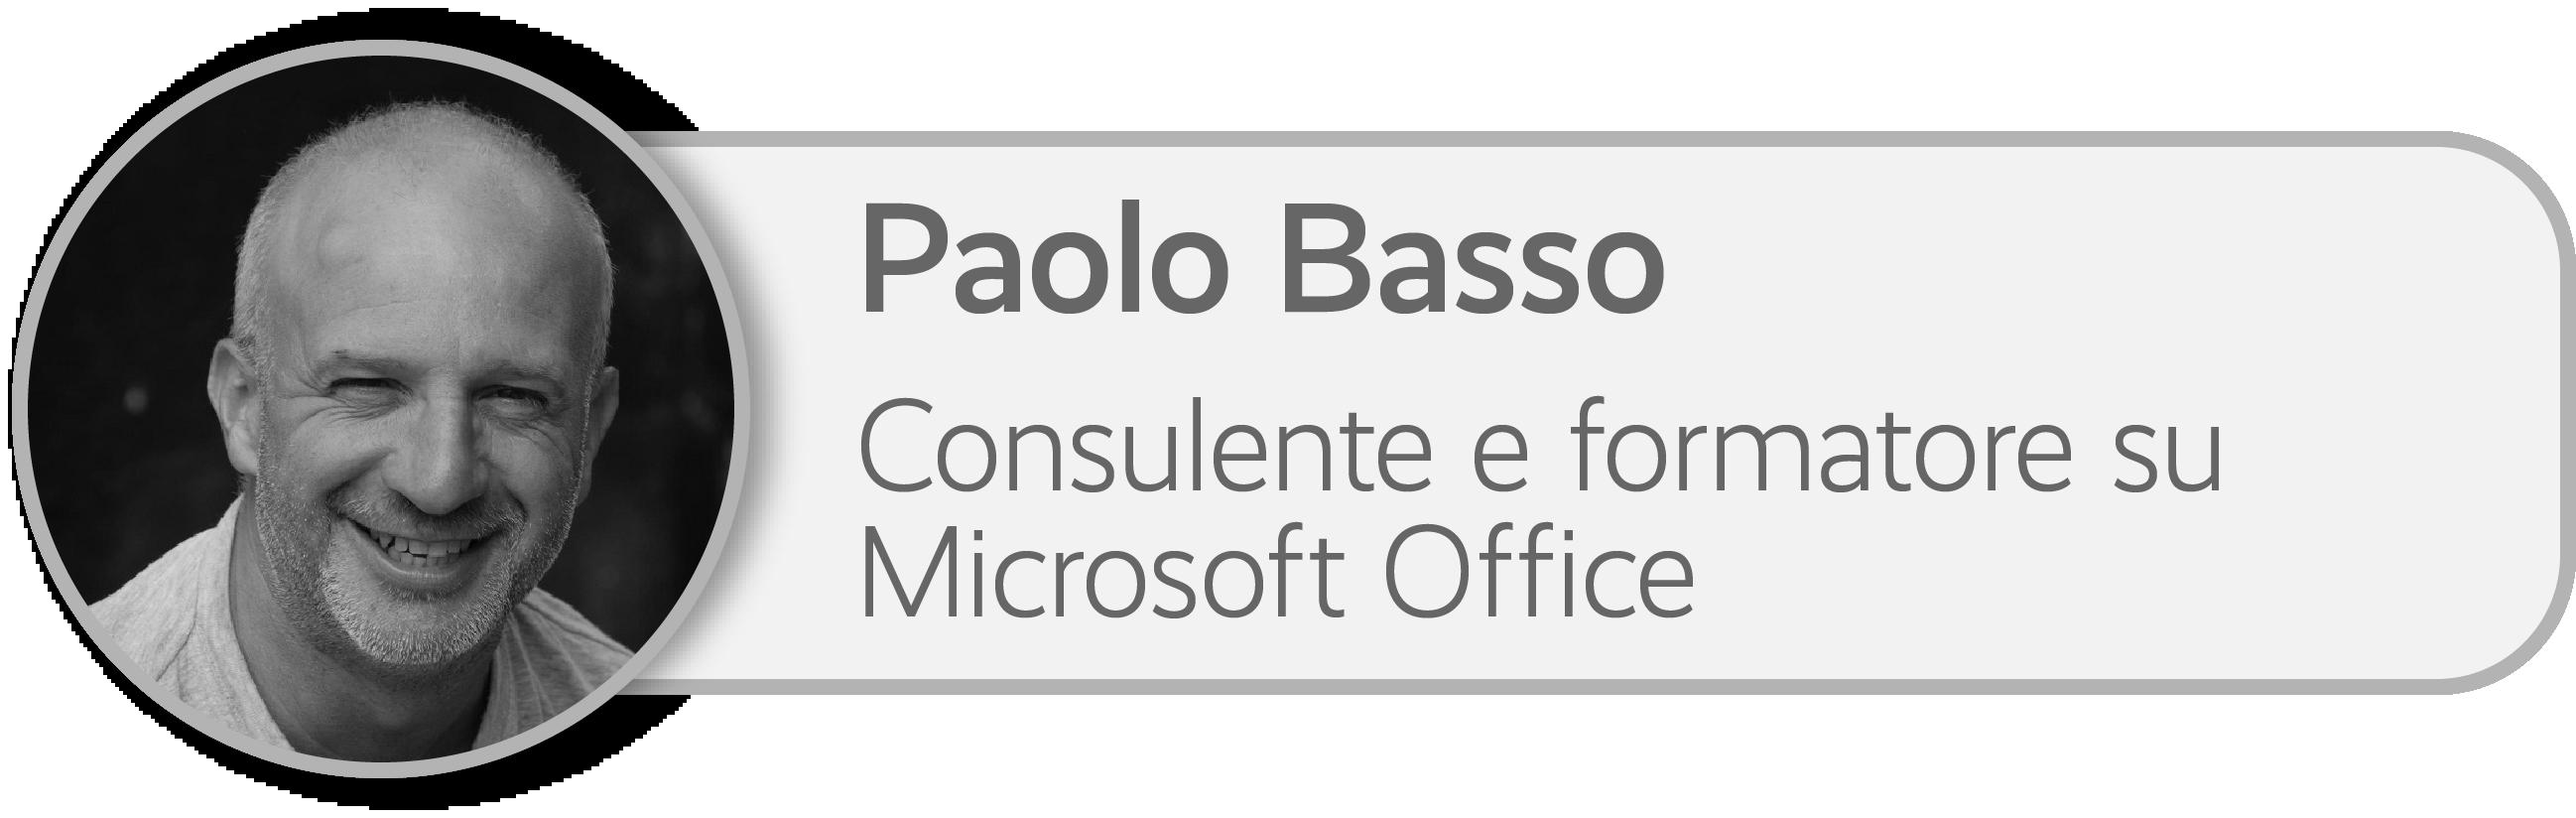 Paolo Basso